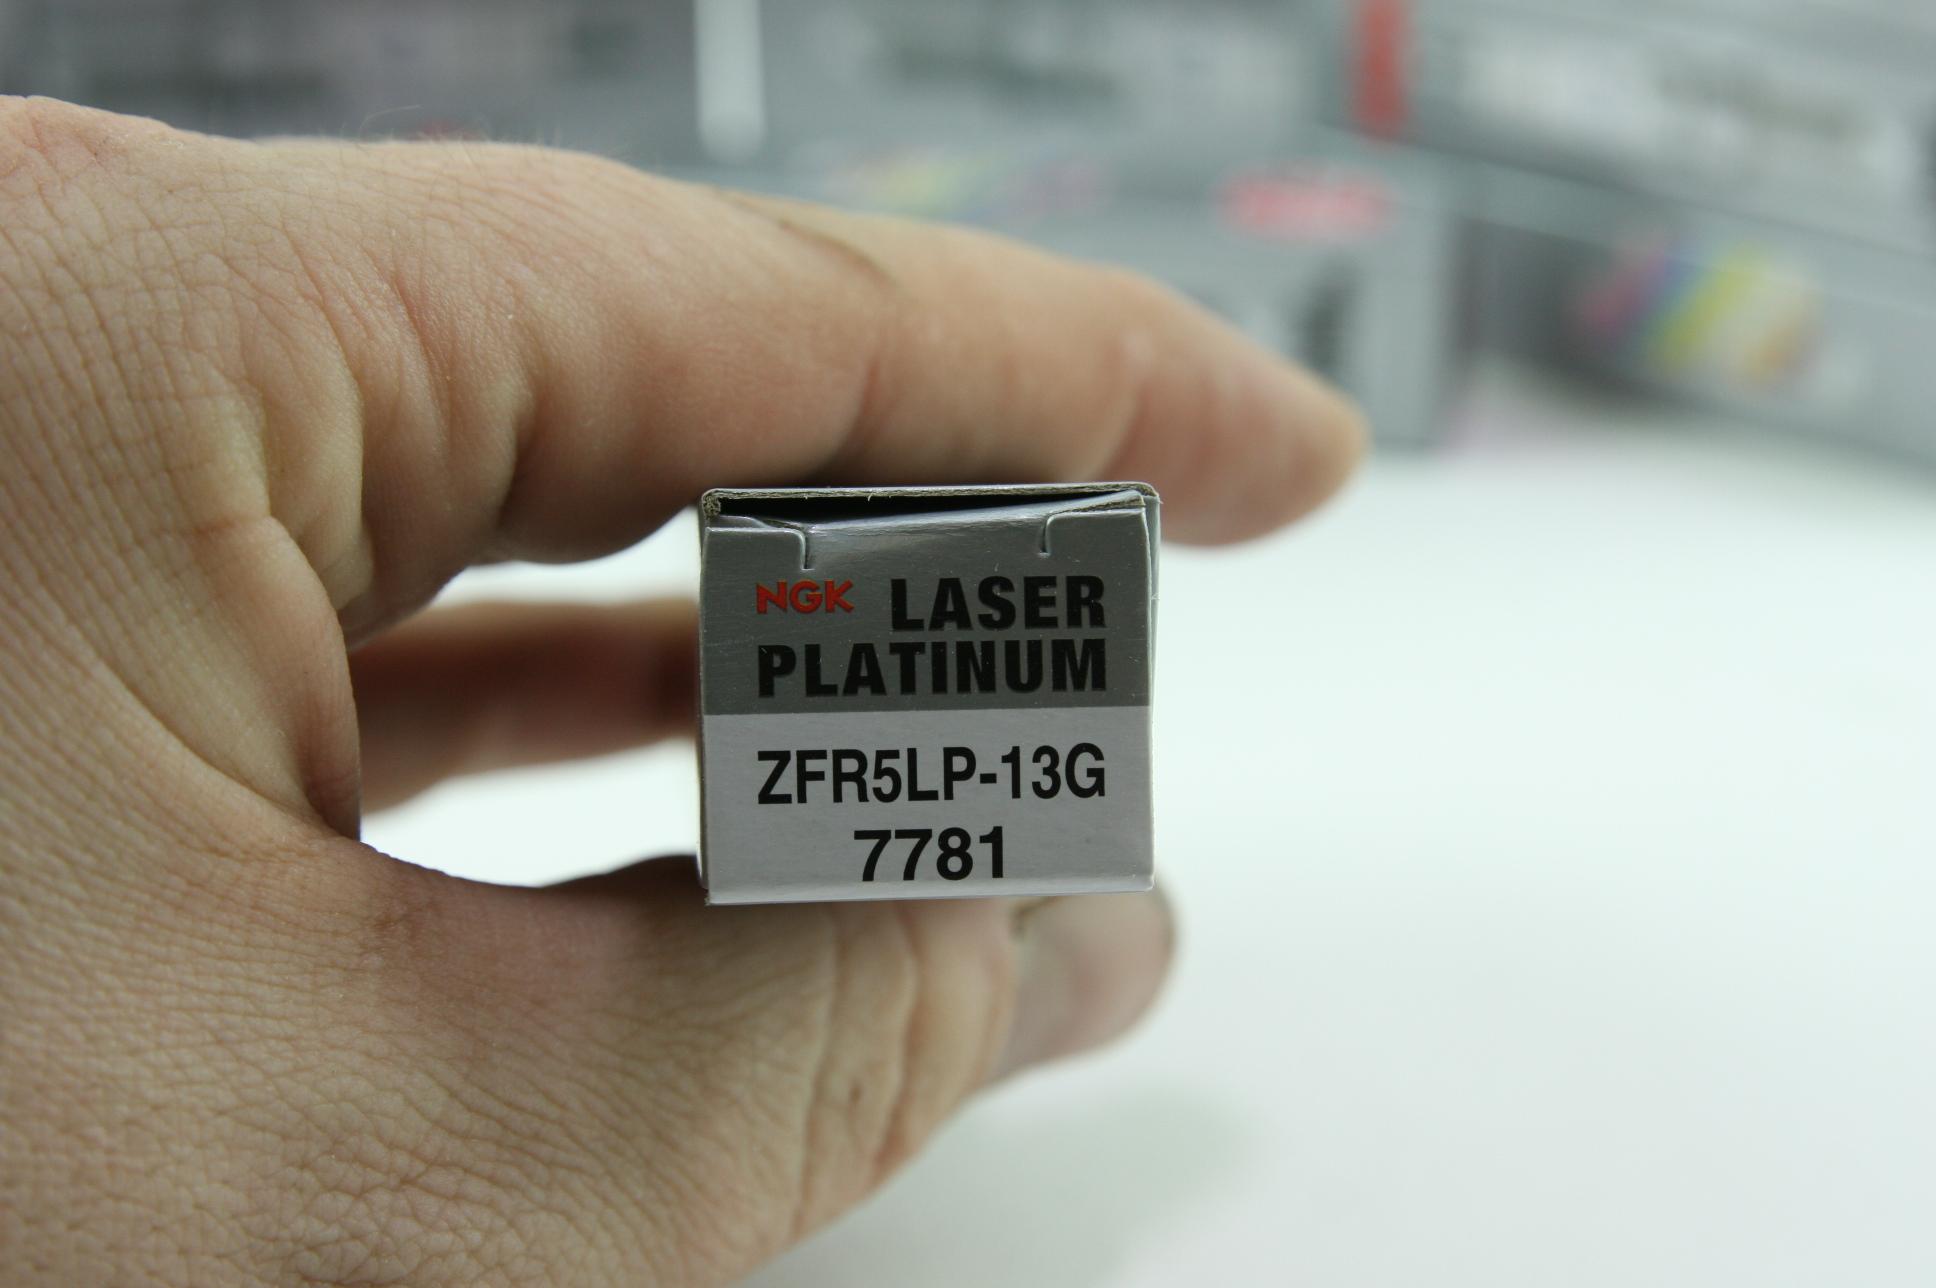 Set of 10 New NGK 7781 Premium Spark Plug Laser Platinum ZFR5LP13G Free Shipping - image 2